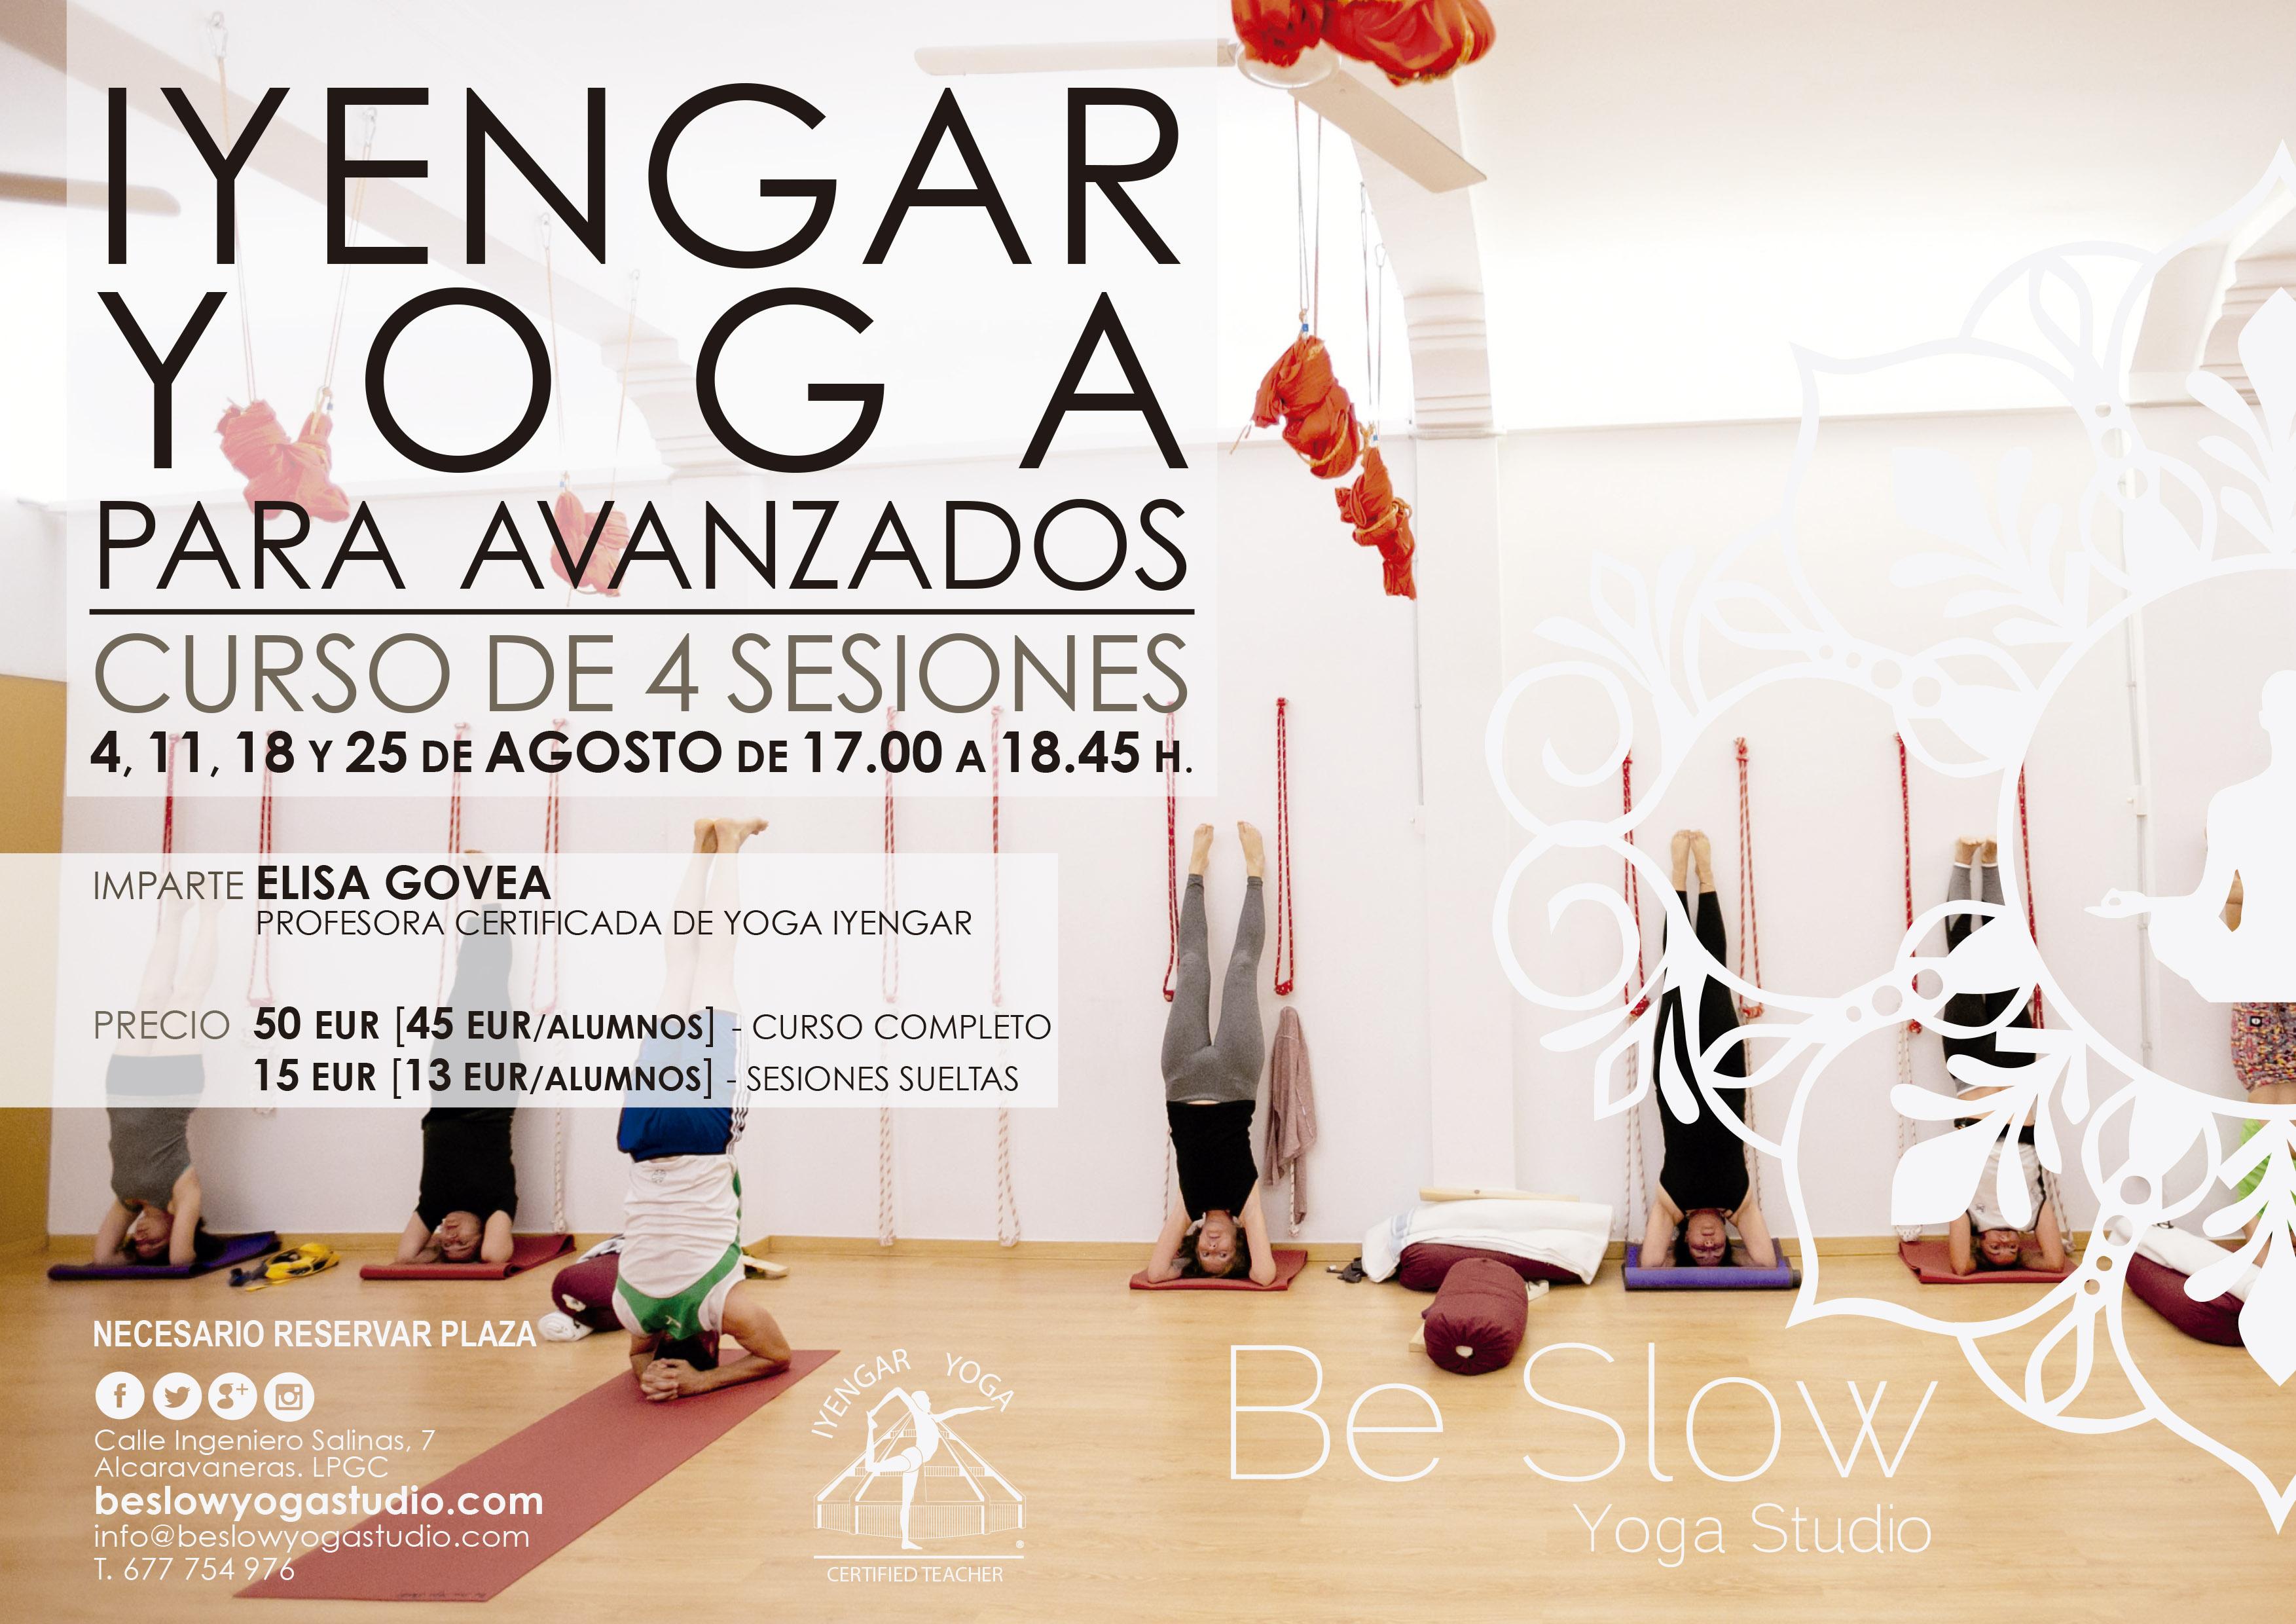 En Agosto comenzamos Curso de Iyengar Yoga para Avanzados